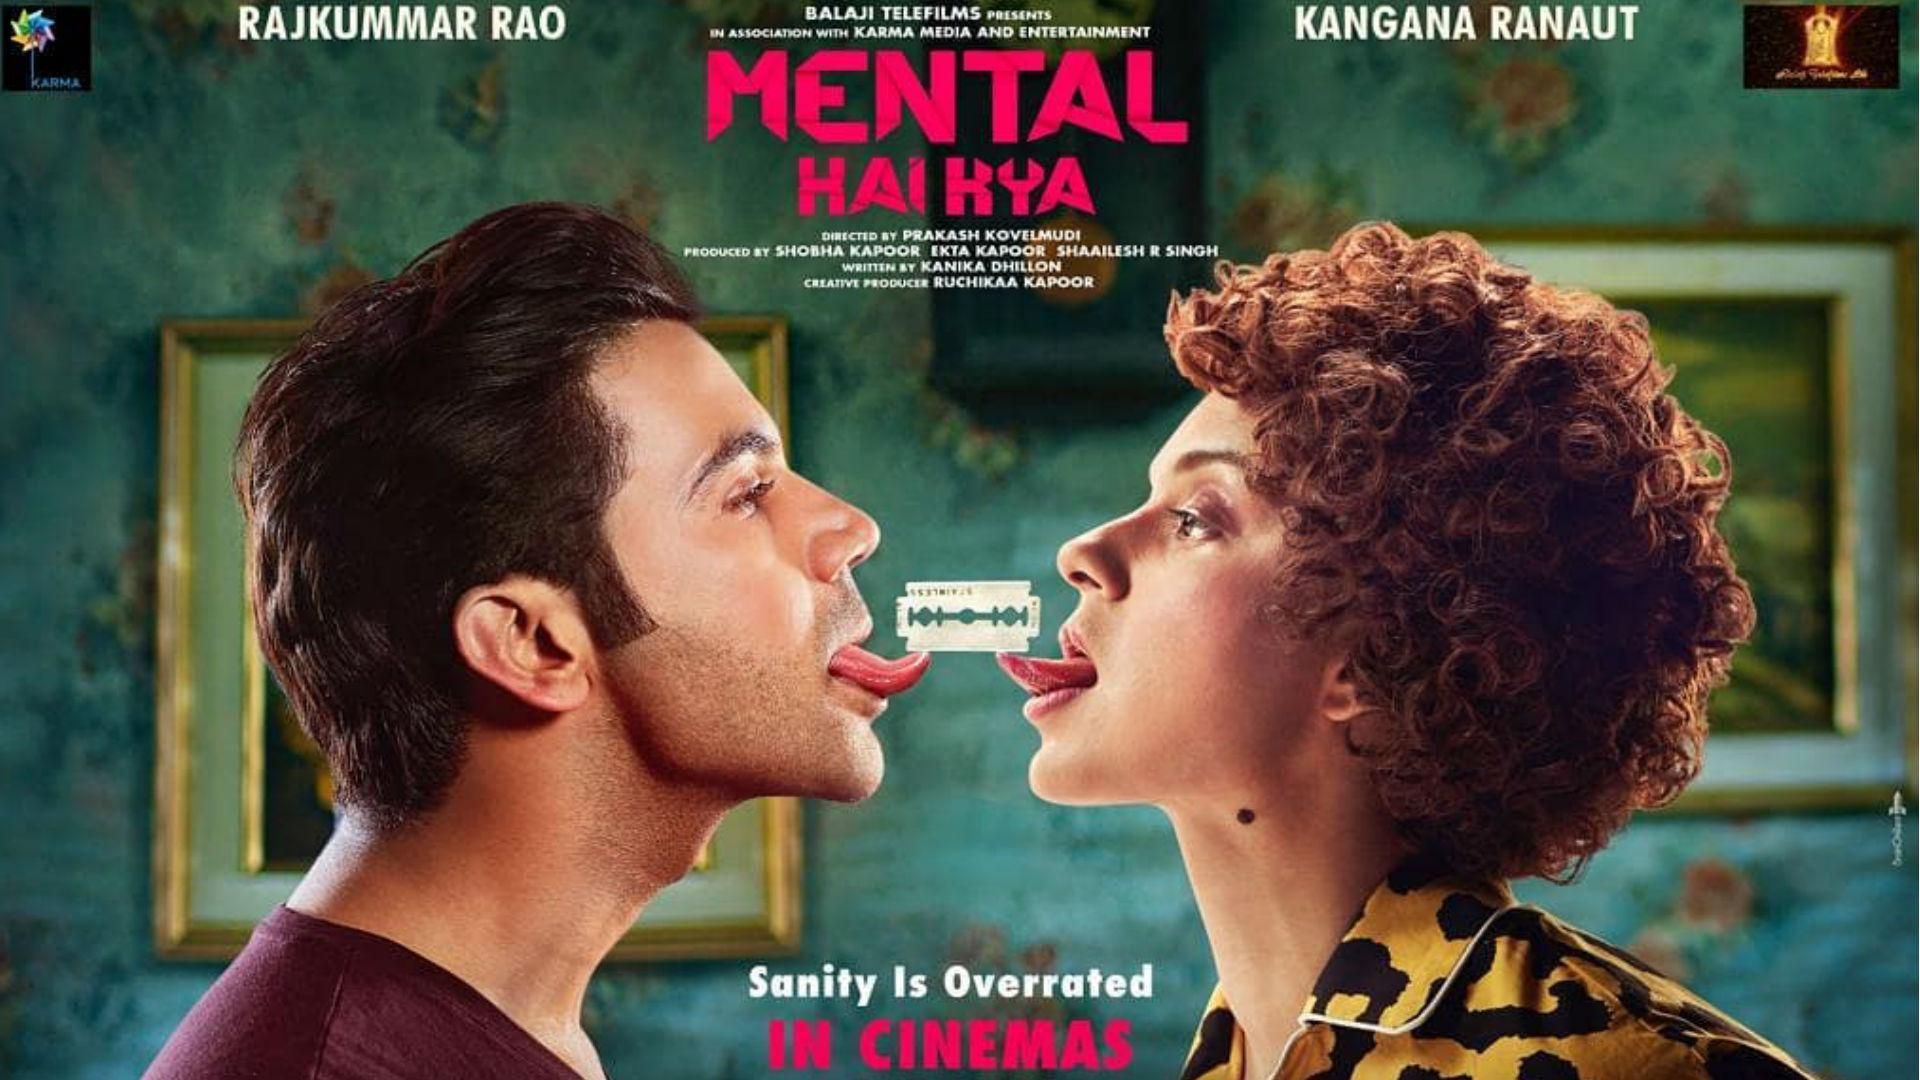 मेंटल है क्या फिल्म को लेकर नया विवाद, इंडियन साइकेट्रिक सोसाइटी इस वजह से कर रही मूवी के नाम का विरोध